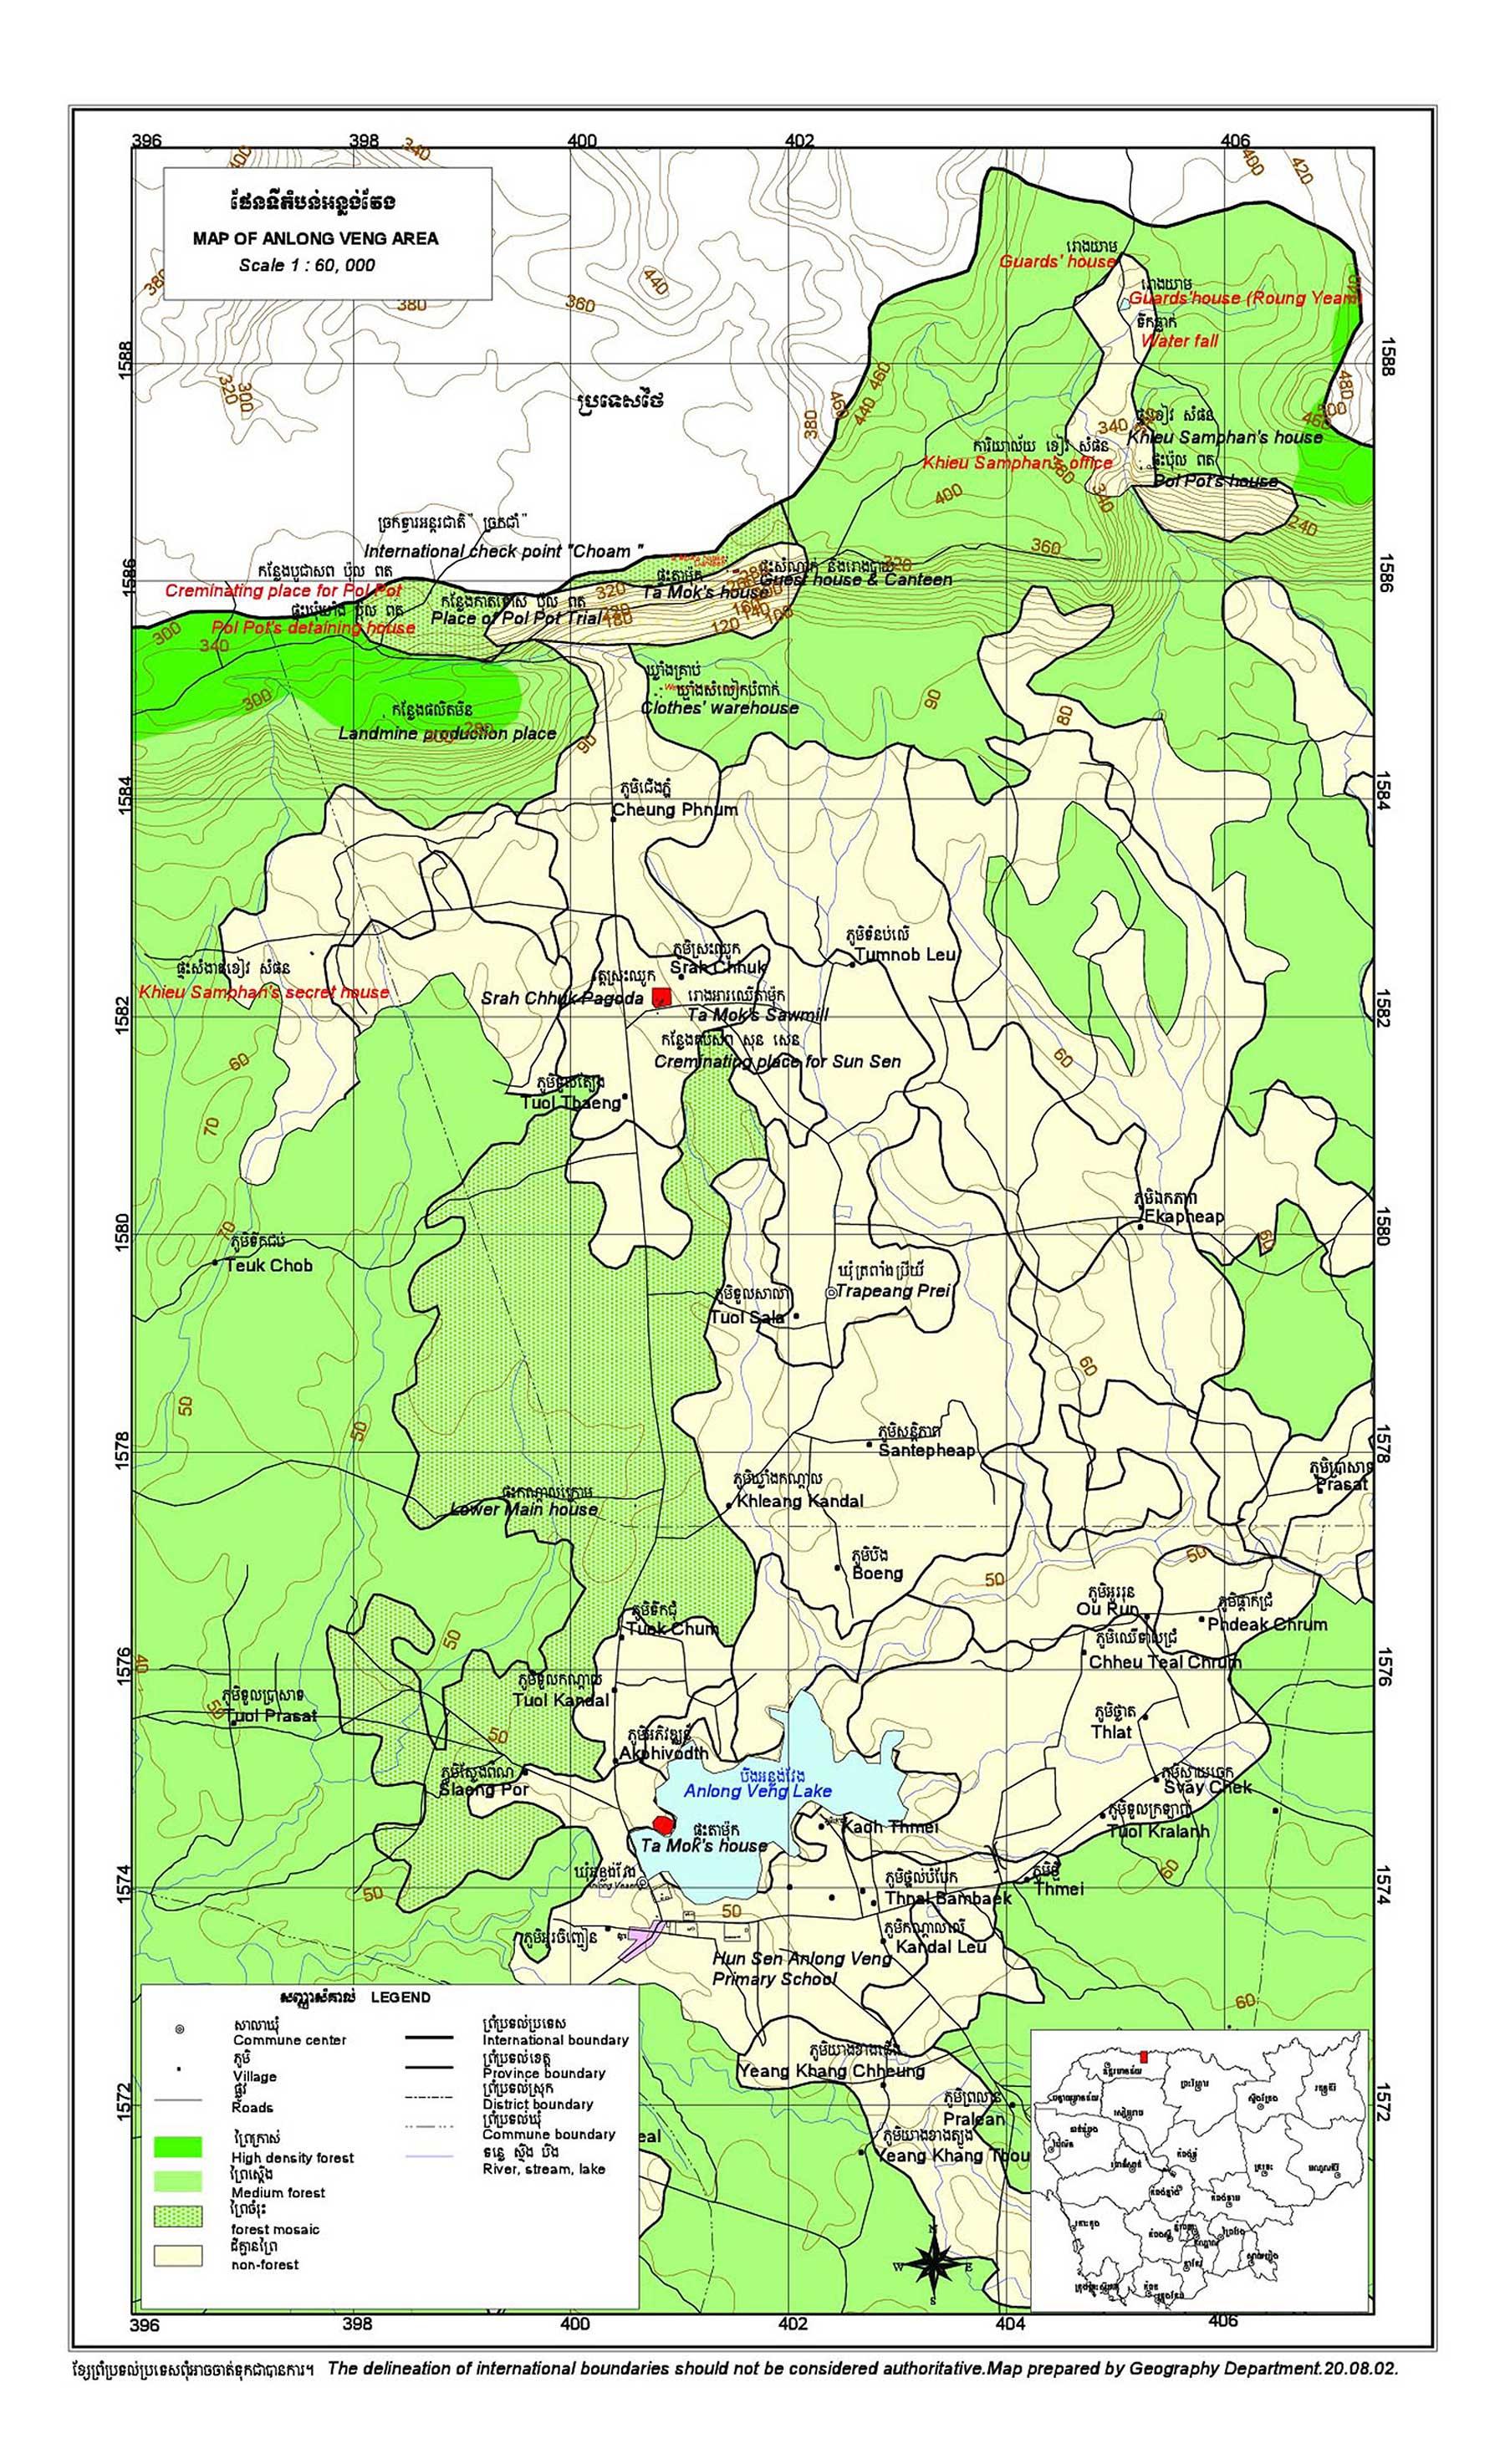 P_Map-of-Anlong-Veng-2002